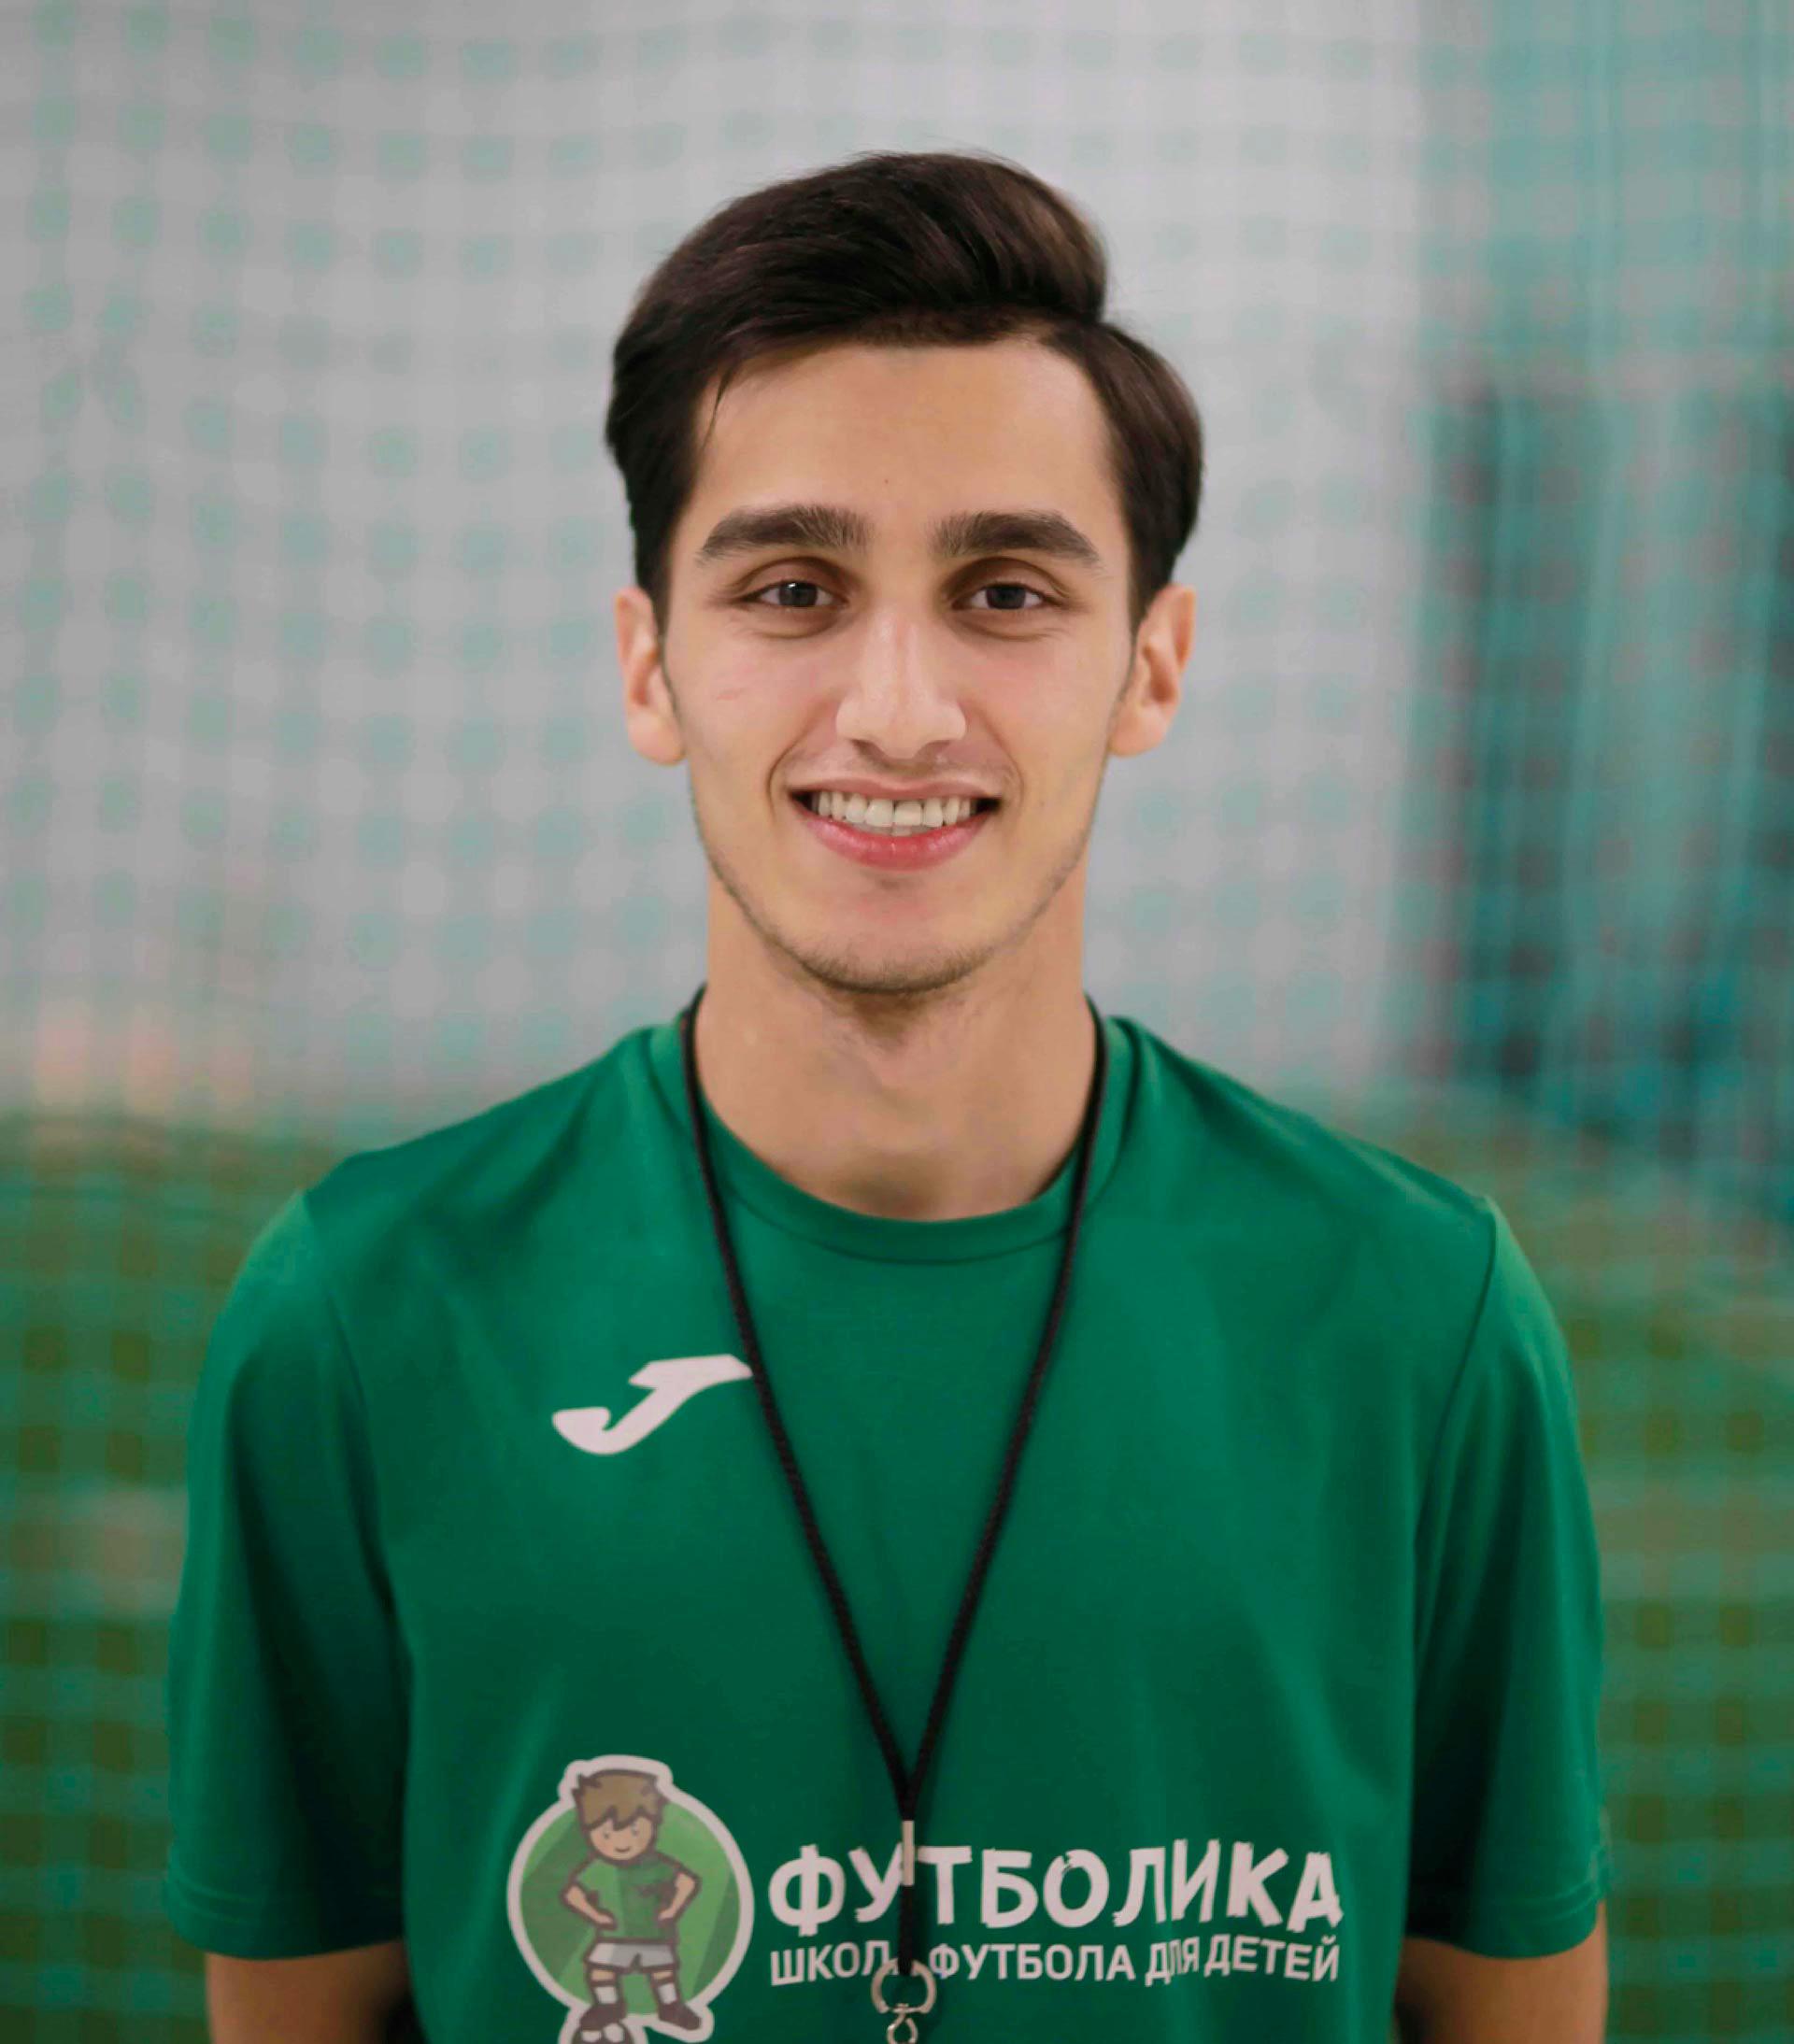 тренер футболики Мамедов Сахиль